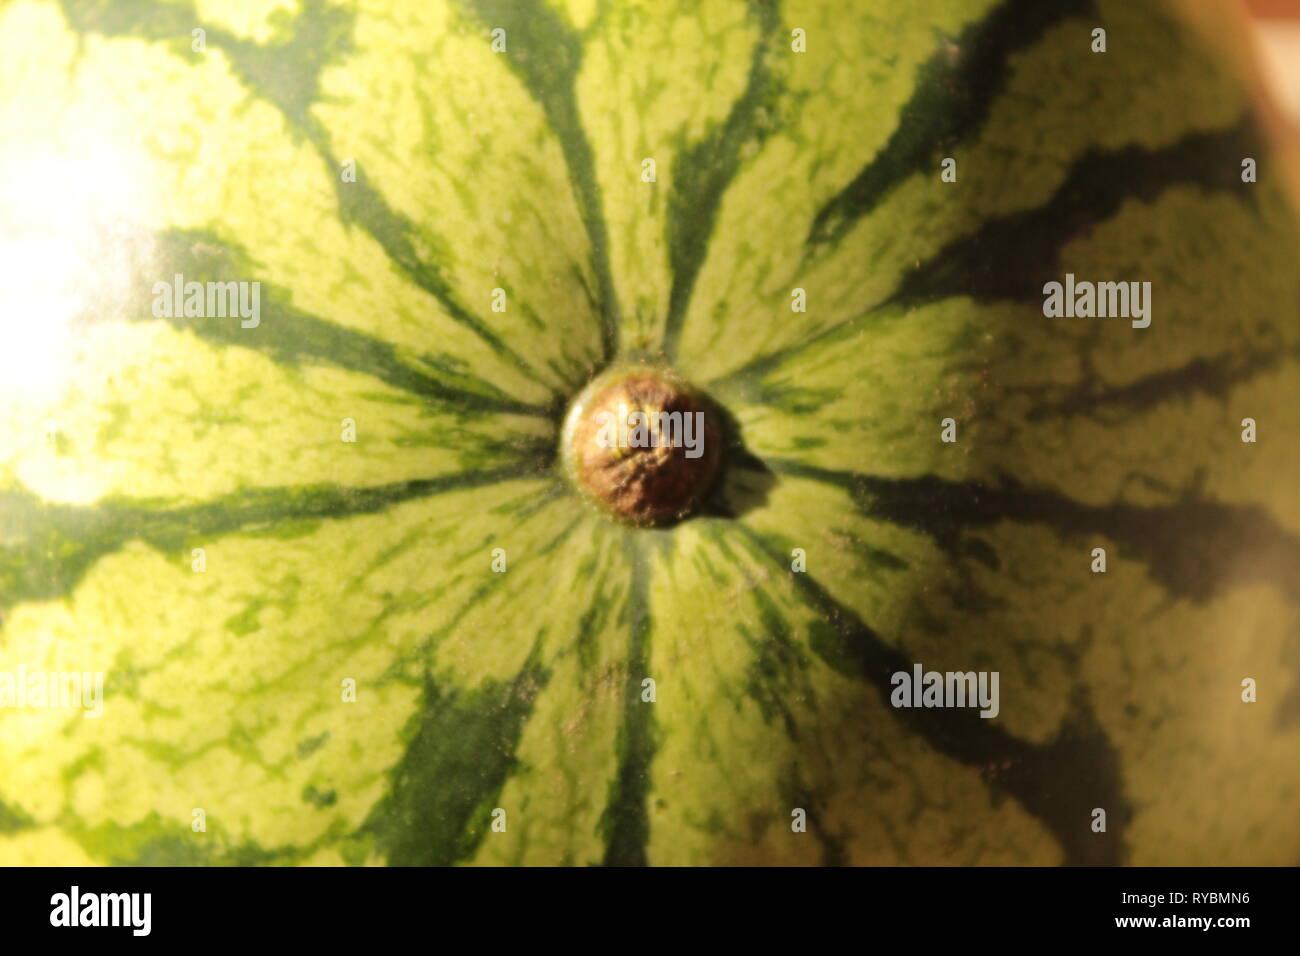 Textura de una sandia, foto tomada en mi jardín en Tonala, Jalisco, México utilizando un lente 18-55 mm canon y haciendo un zoom a la cascara - Stock Image